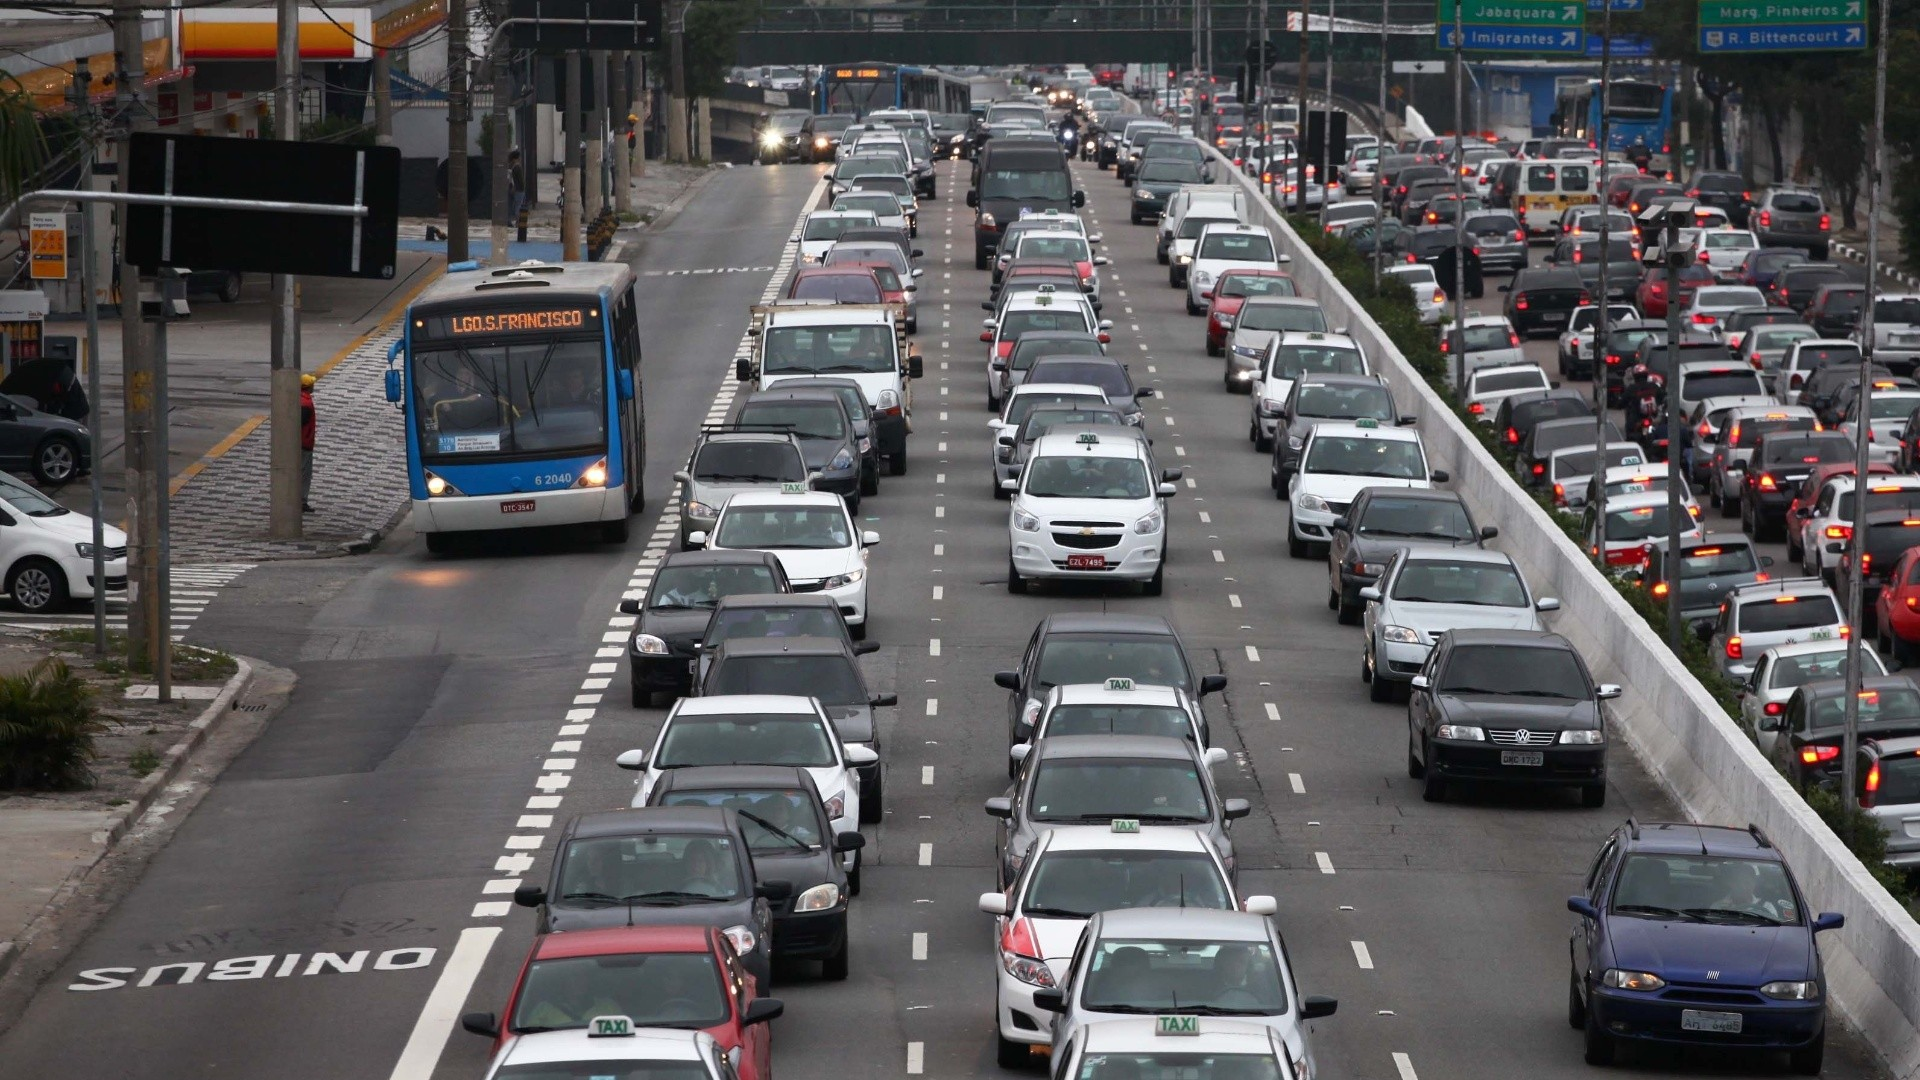 Faixas exclusivas reduzem em média 38 minutos por dia o tempo de viagem de quem usa transporte público em São Paulo, Faixa exclusiva na Av. 23 de Maio, São Paulo. Foto: reprodução/CBN. Cortesia de The CityFix Brasil